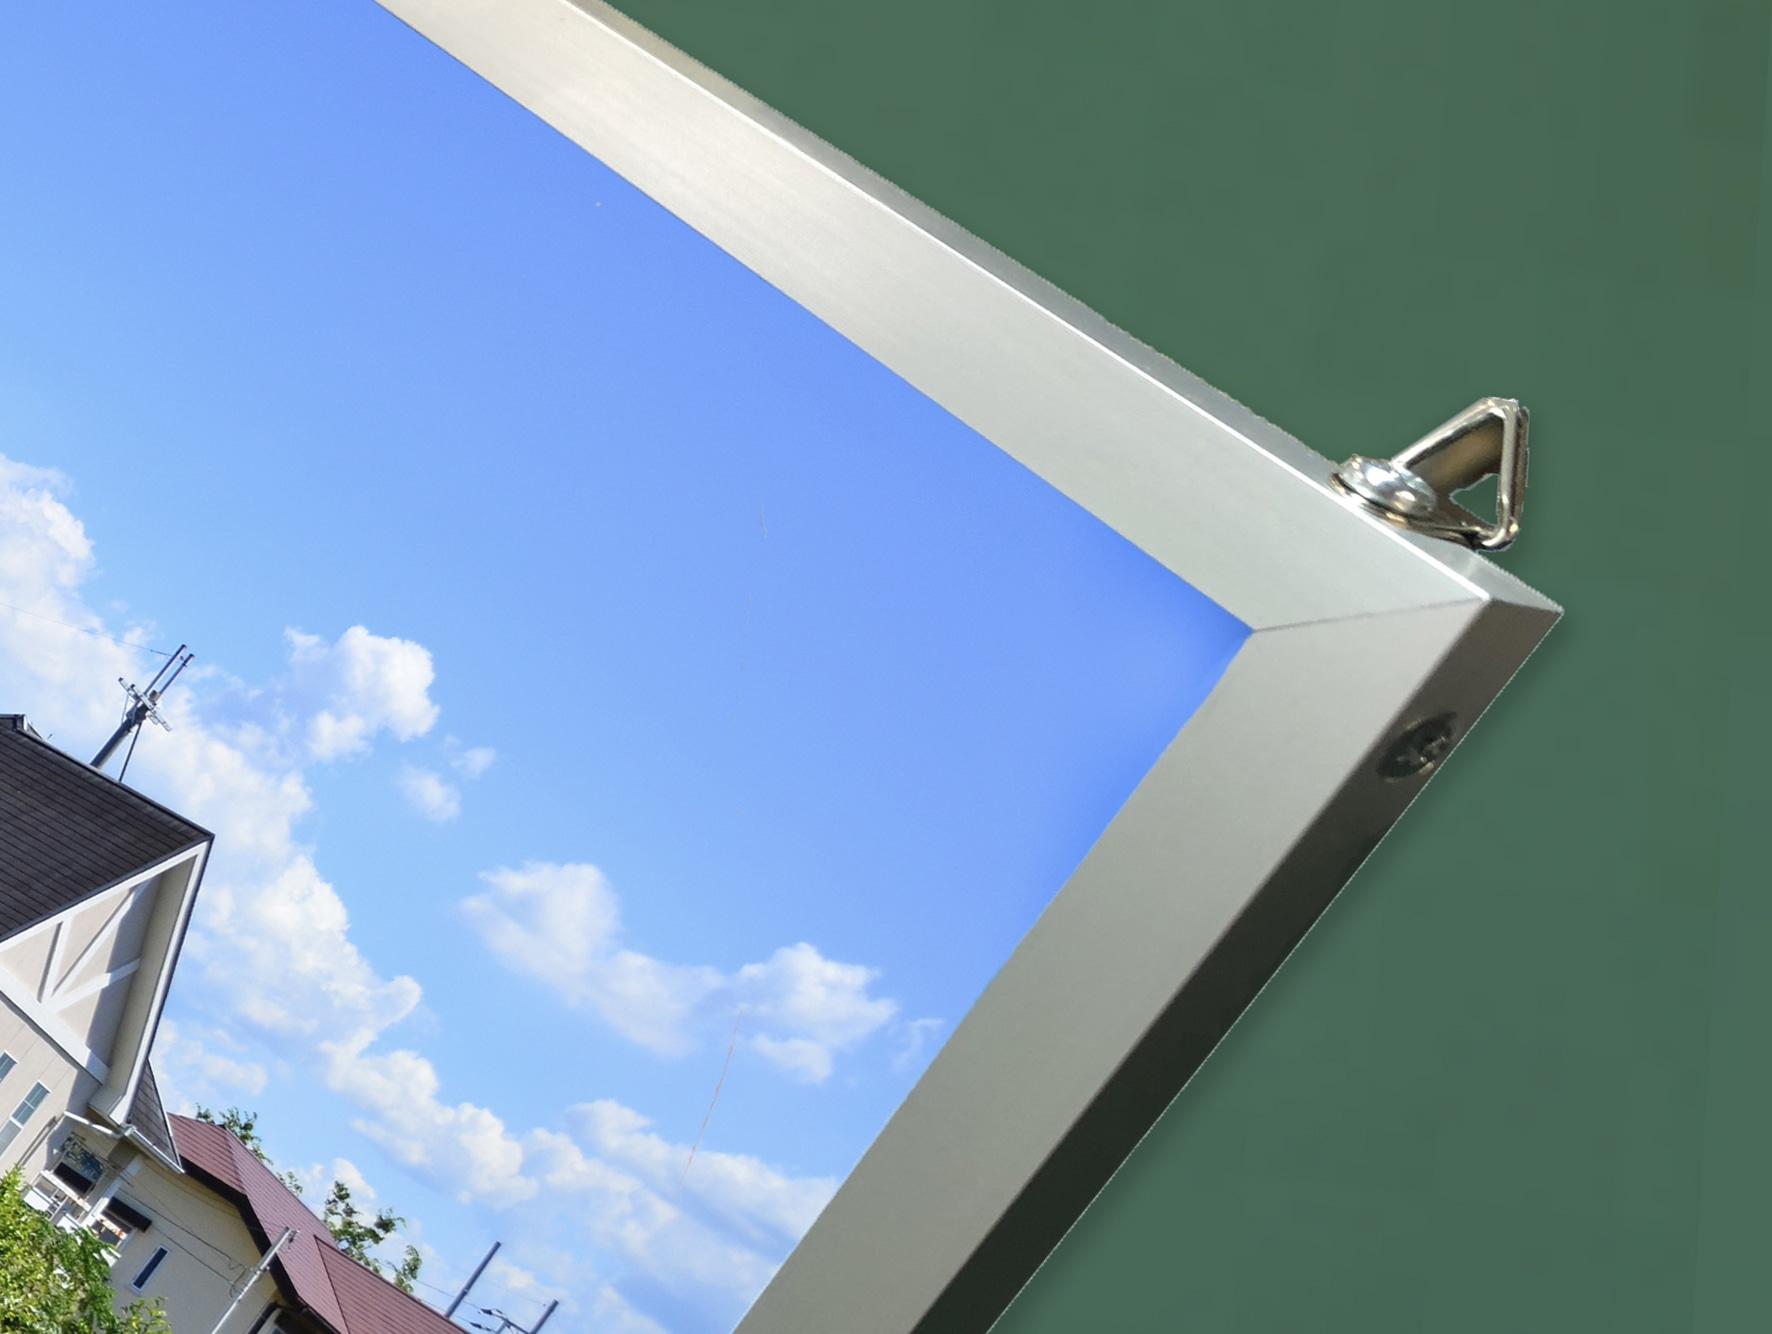 ポスター+パネル+フレーム加工の表面画像